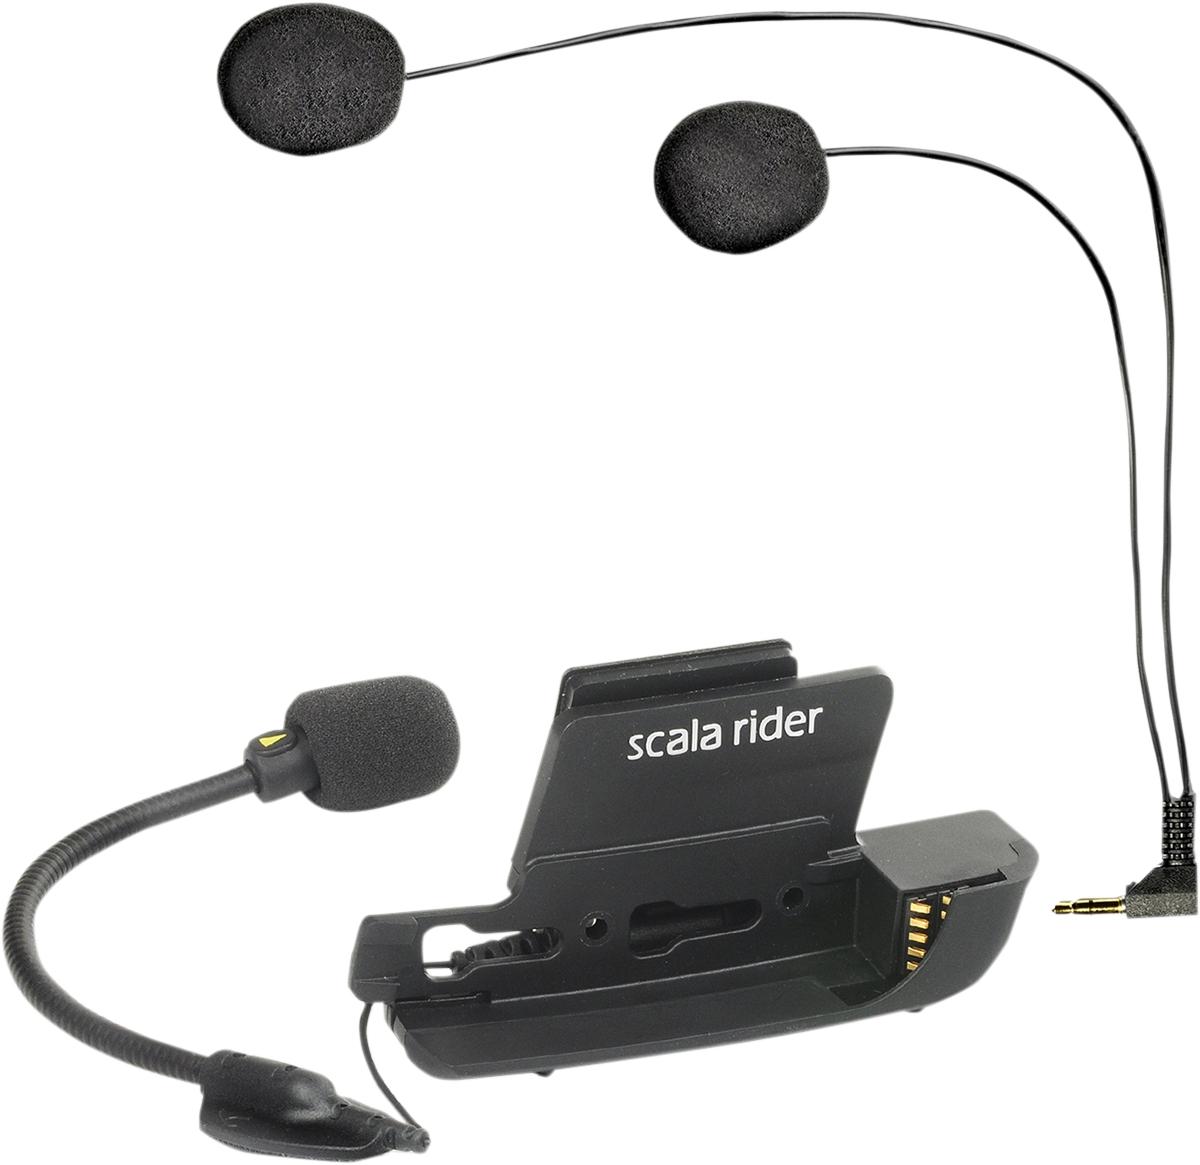 Scala Rider G9/G9X Bike To Bike Audio Kit